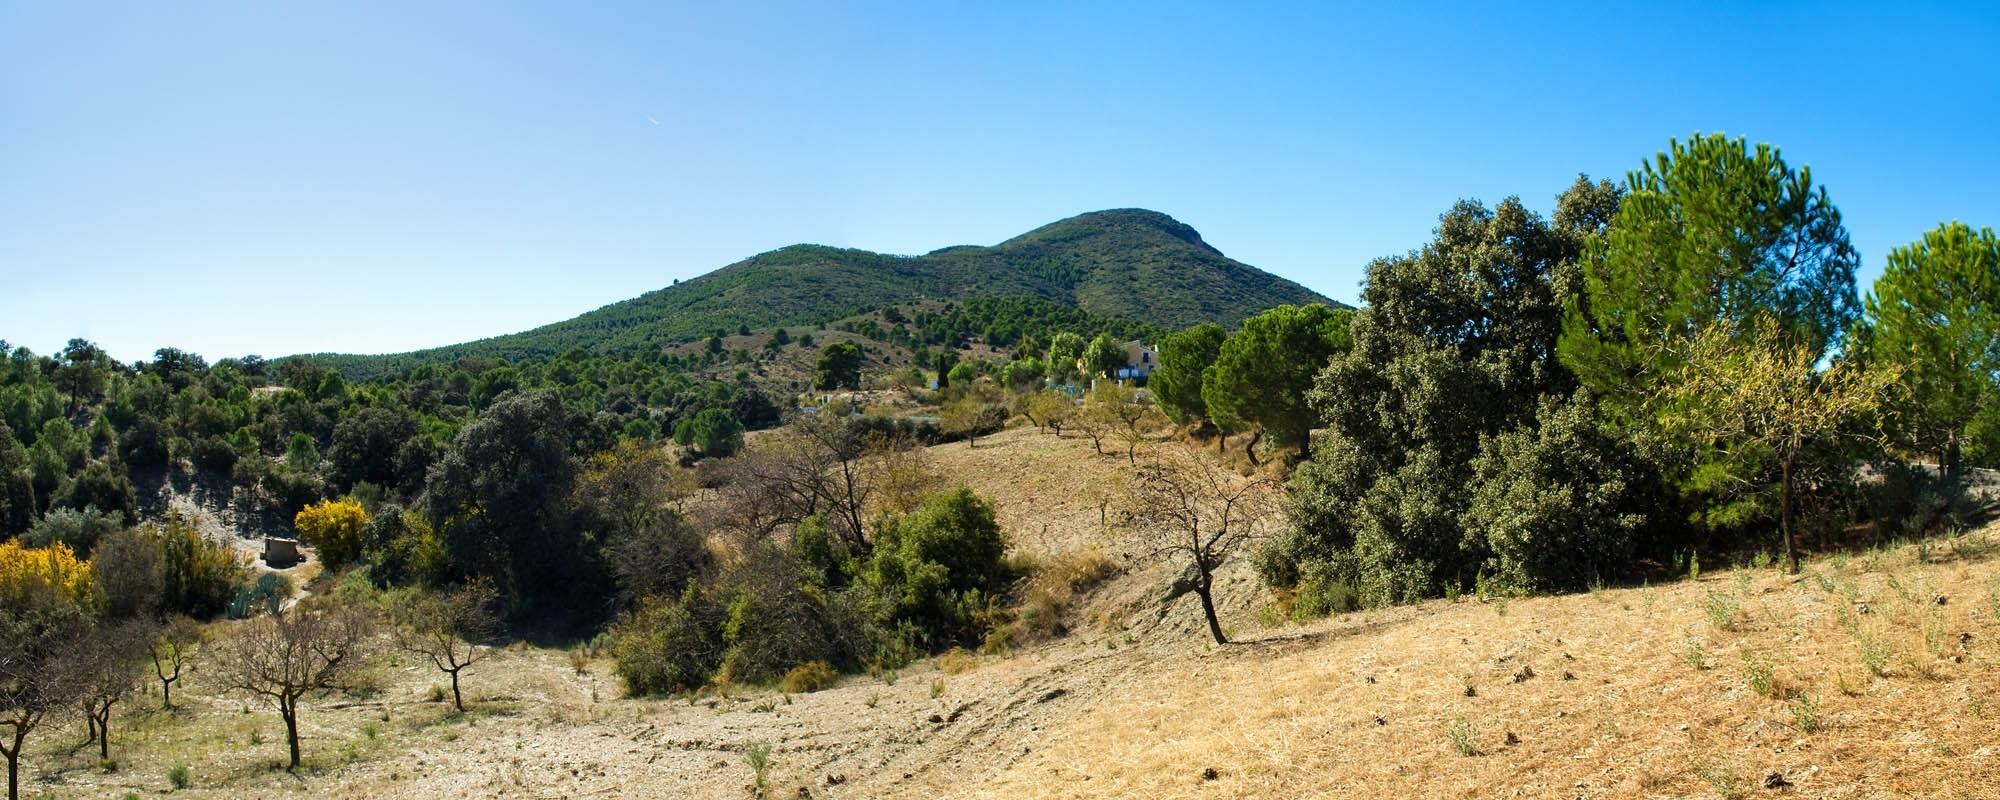 Pleno solicita la puesta en valor de las Cuevas del Cabezo de la Jara y la Sima de la Tinaja como recurso turístico